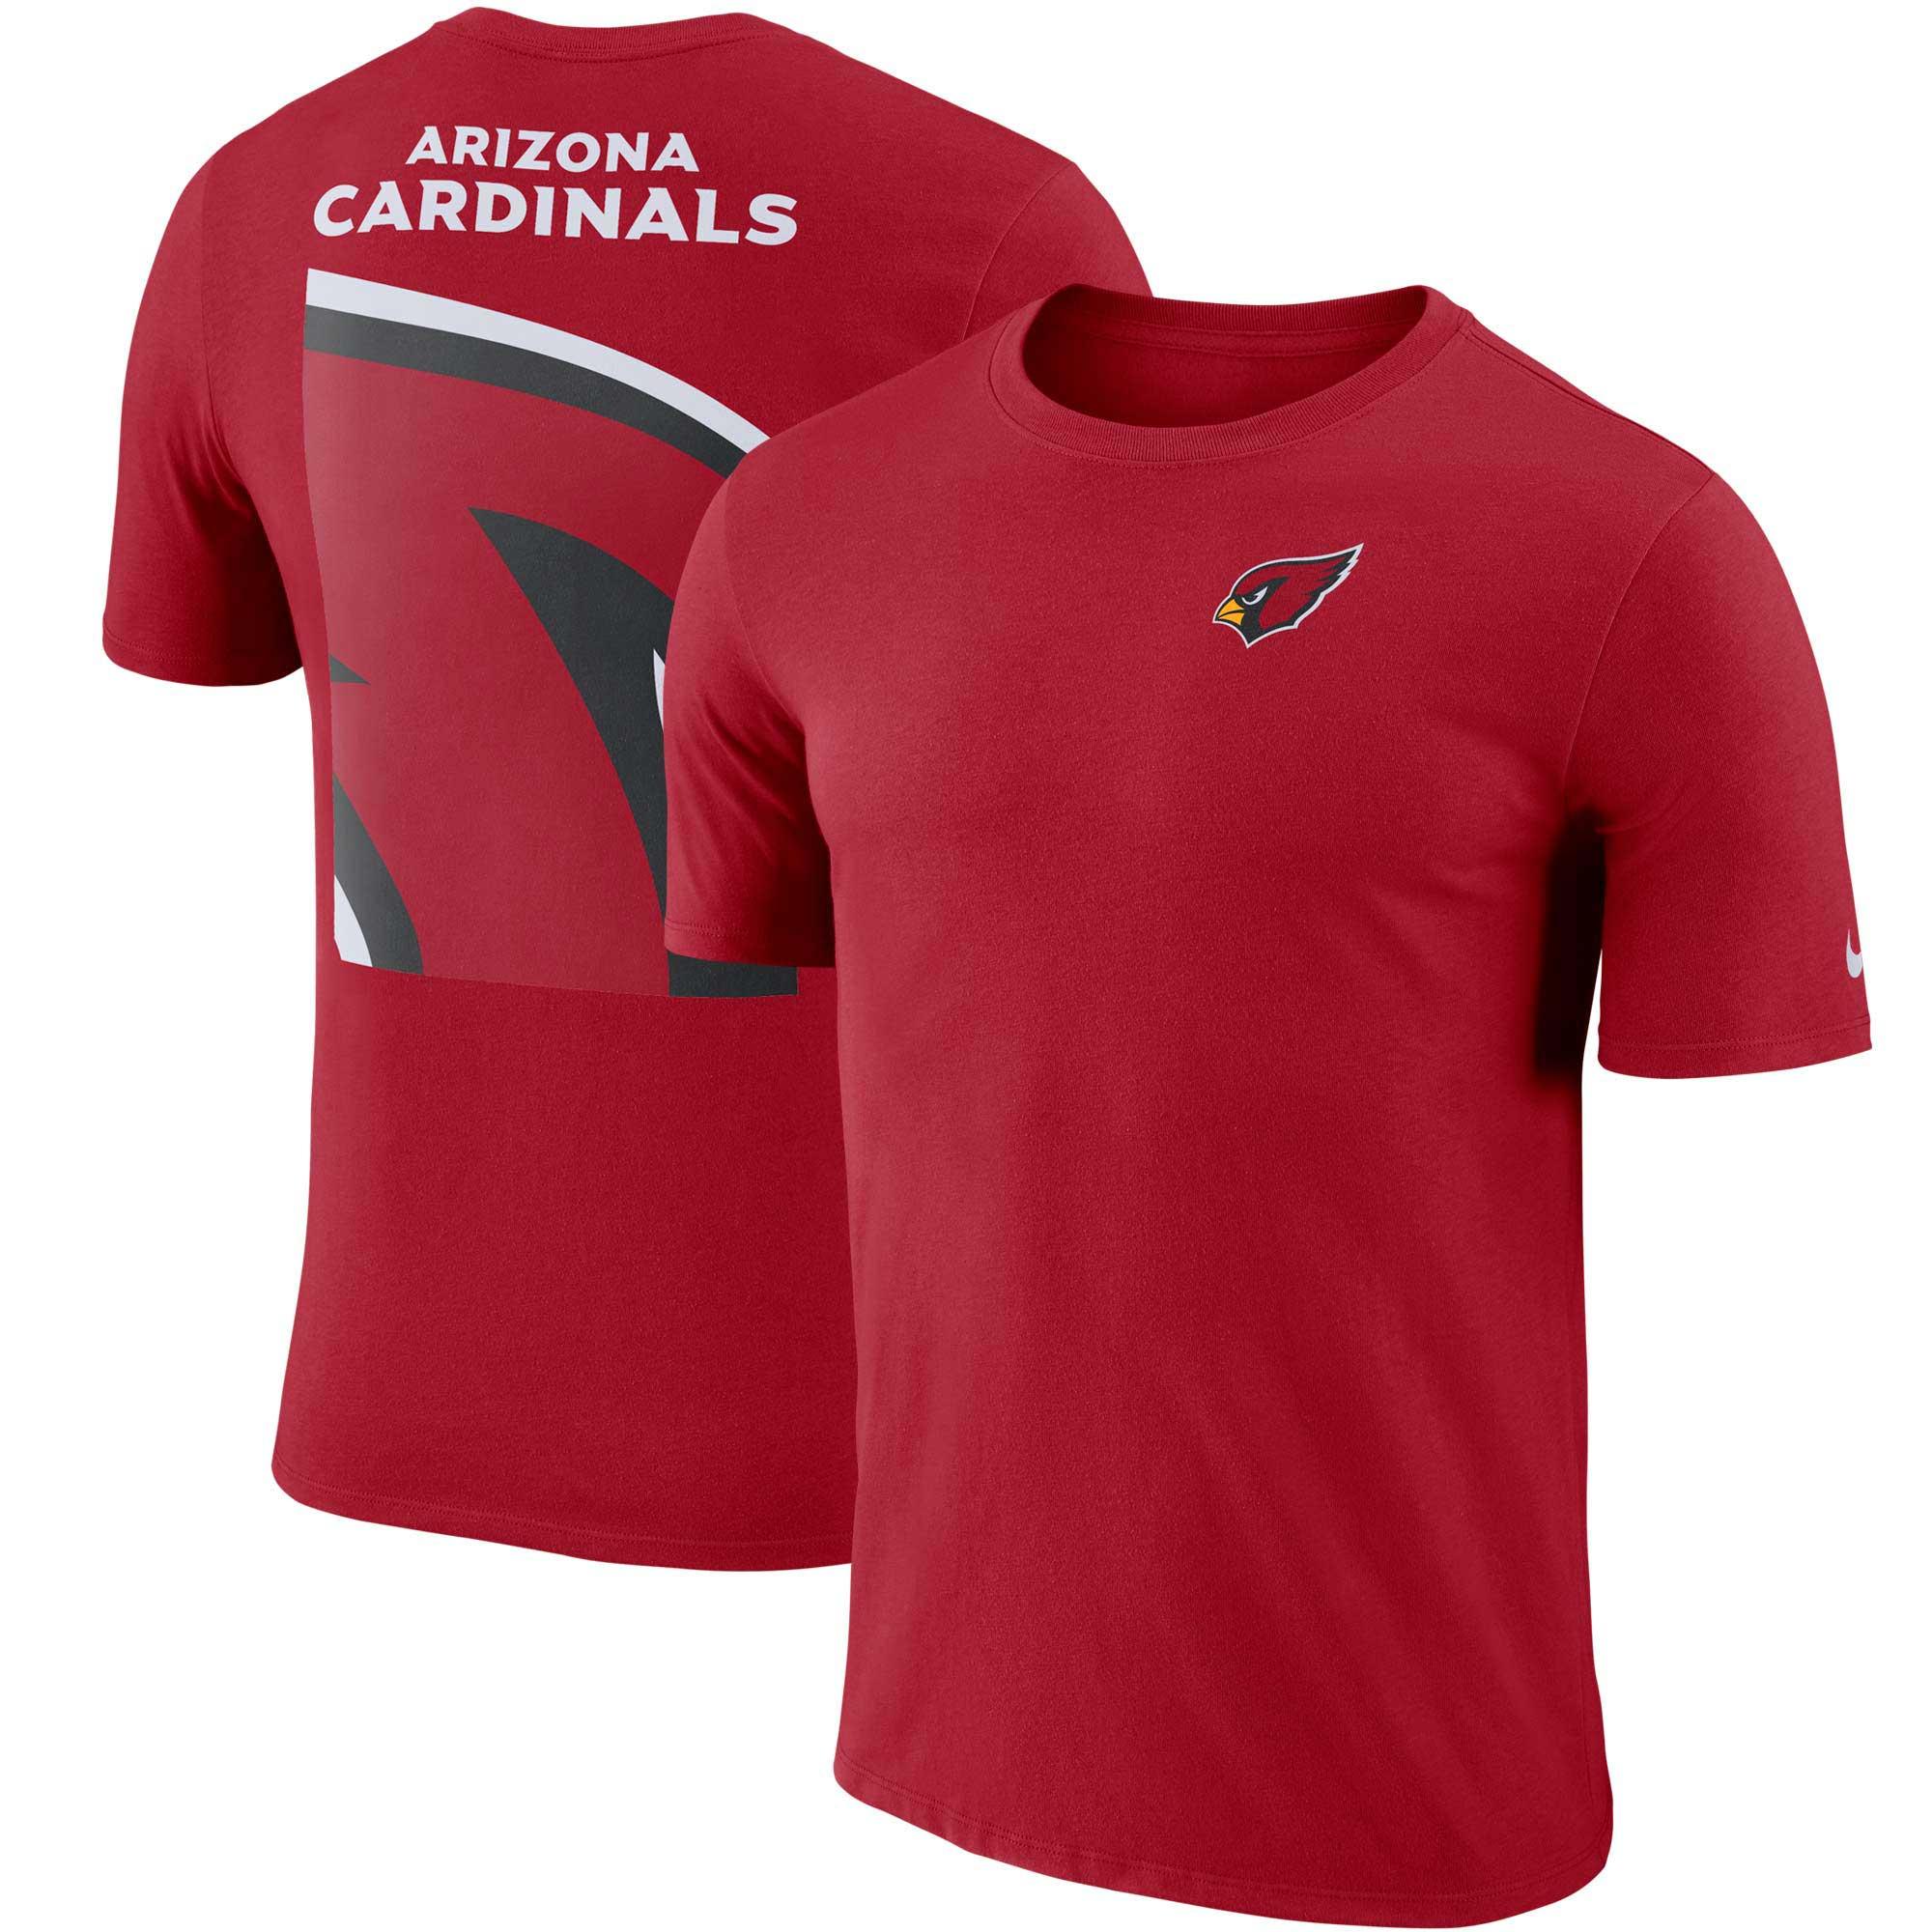 Arizona Cardinals Nike Performance Crew Champ T-Shirt - Cardinal